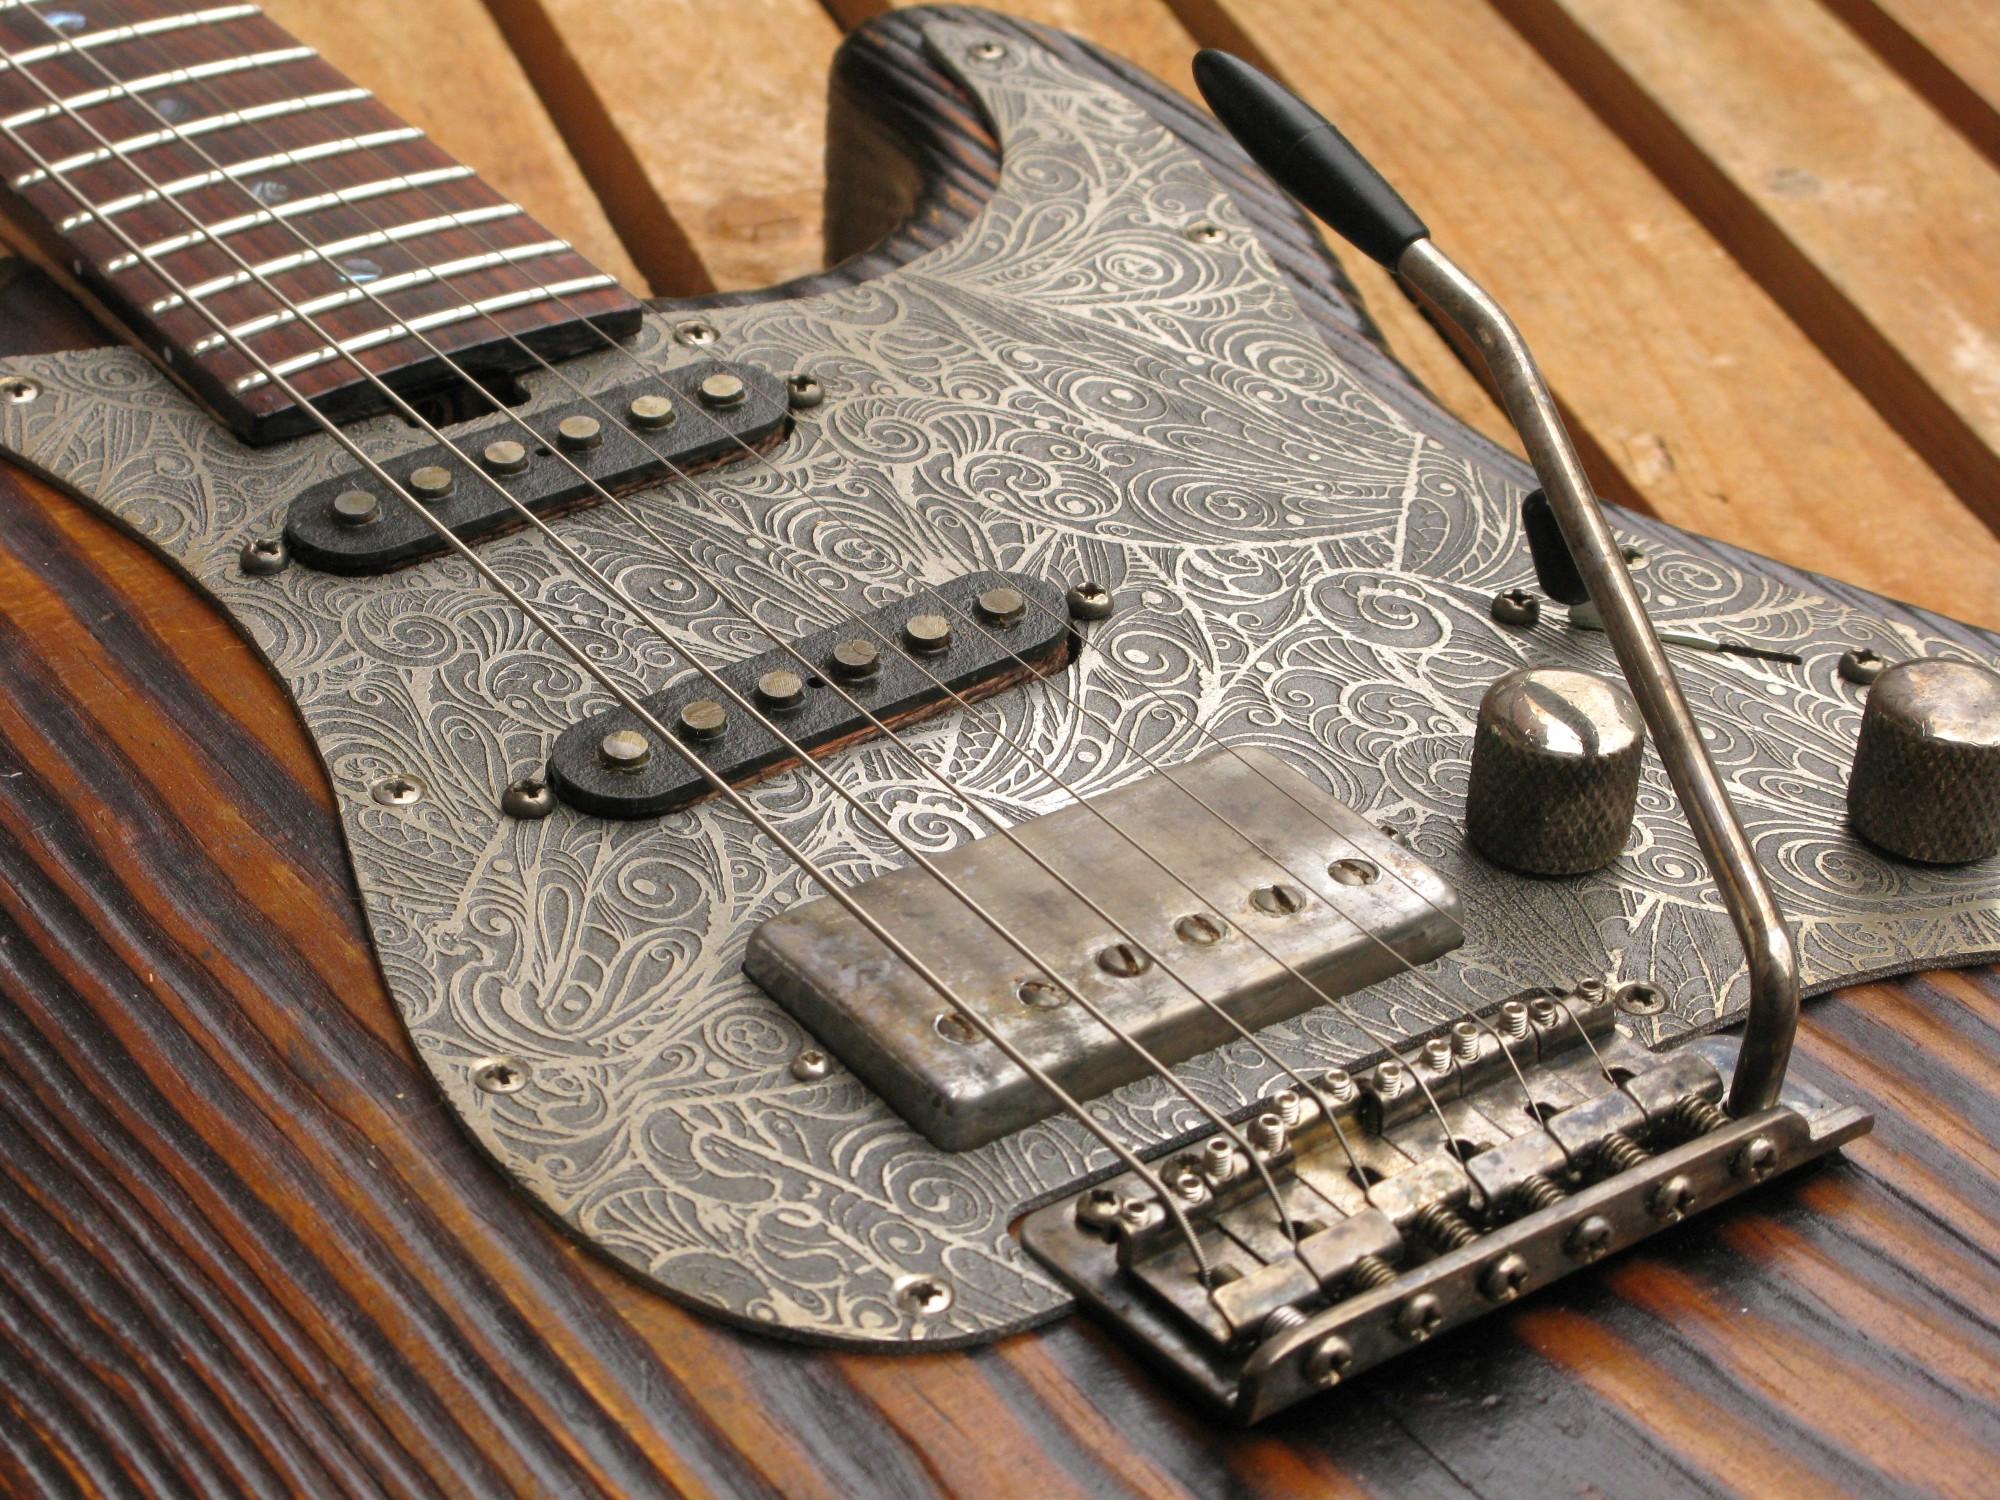 Pickups di una chitarra elettrica Stratocaster in pino